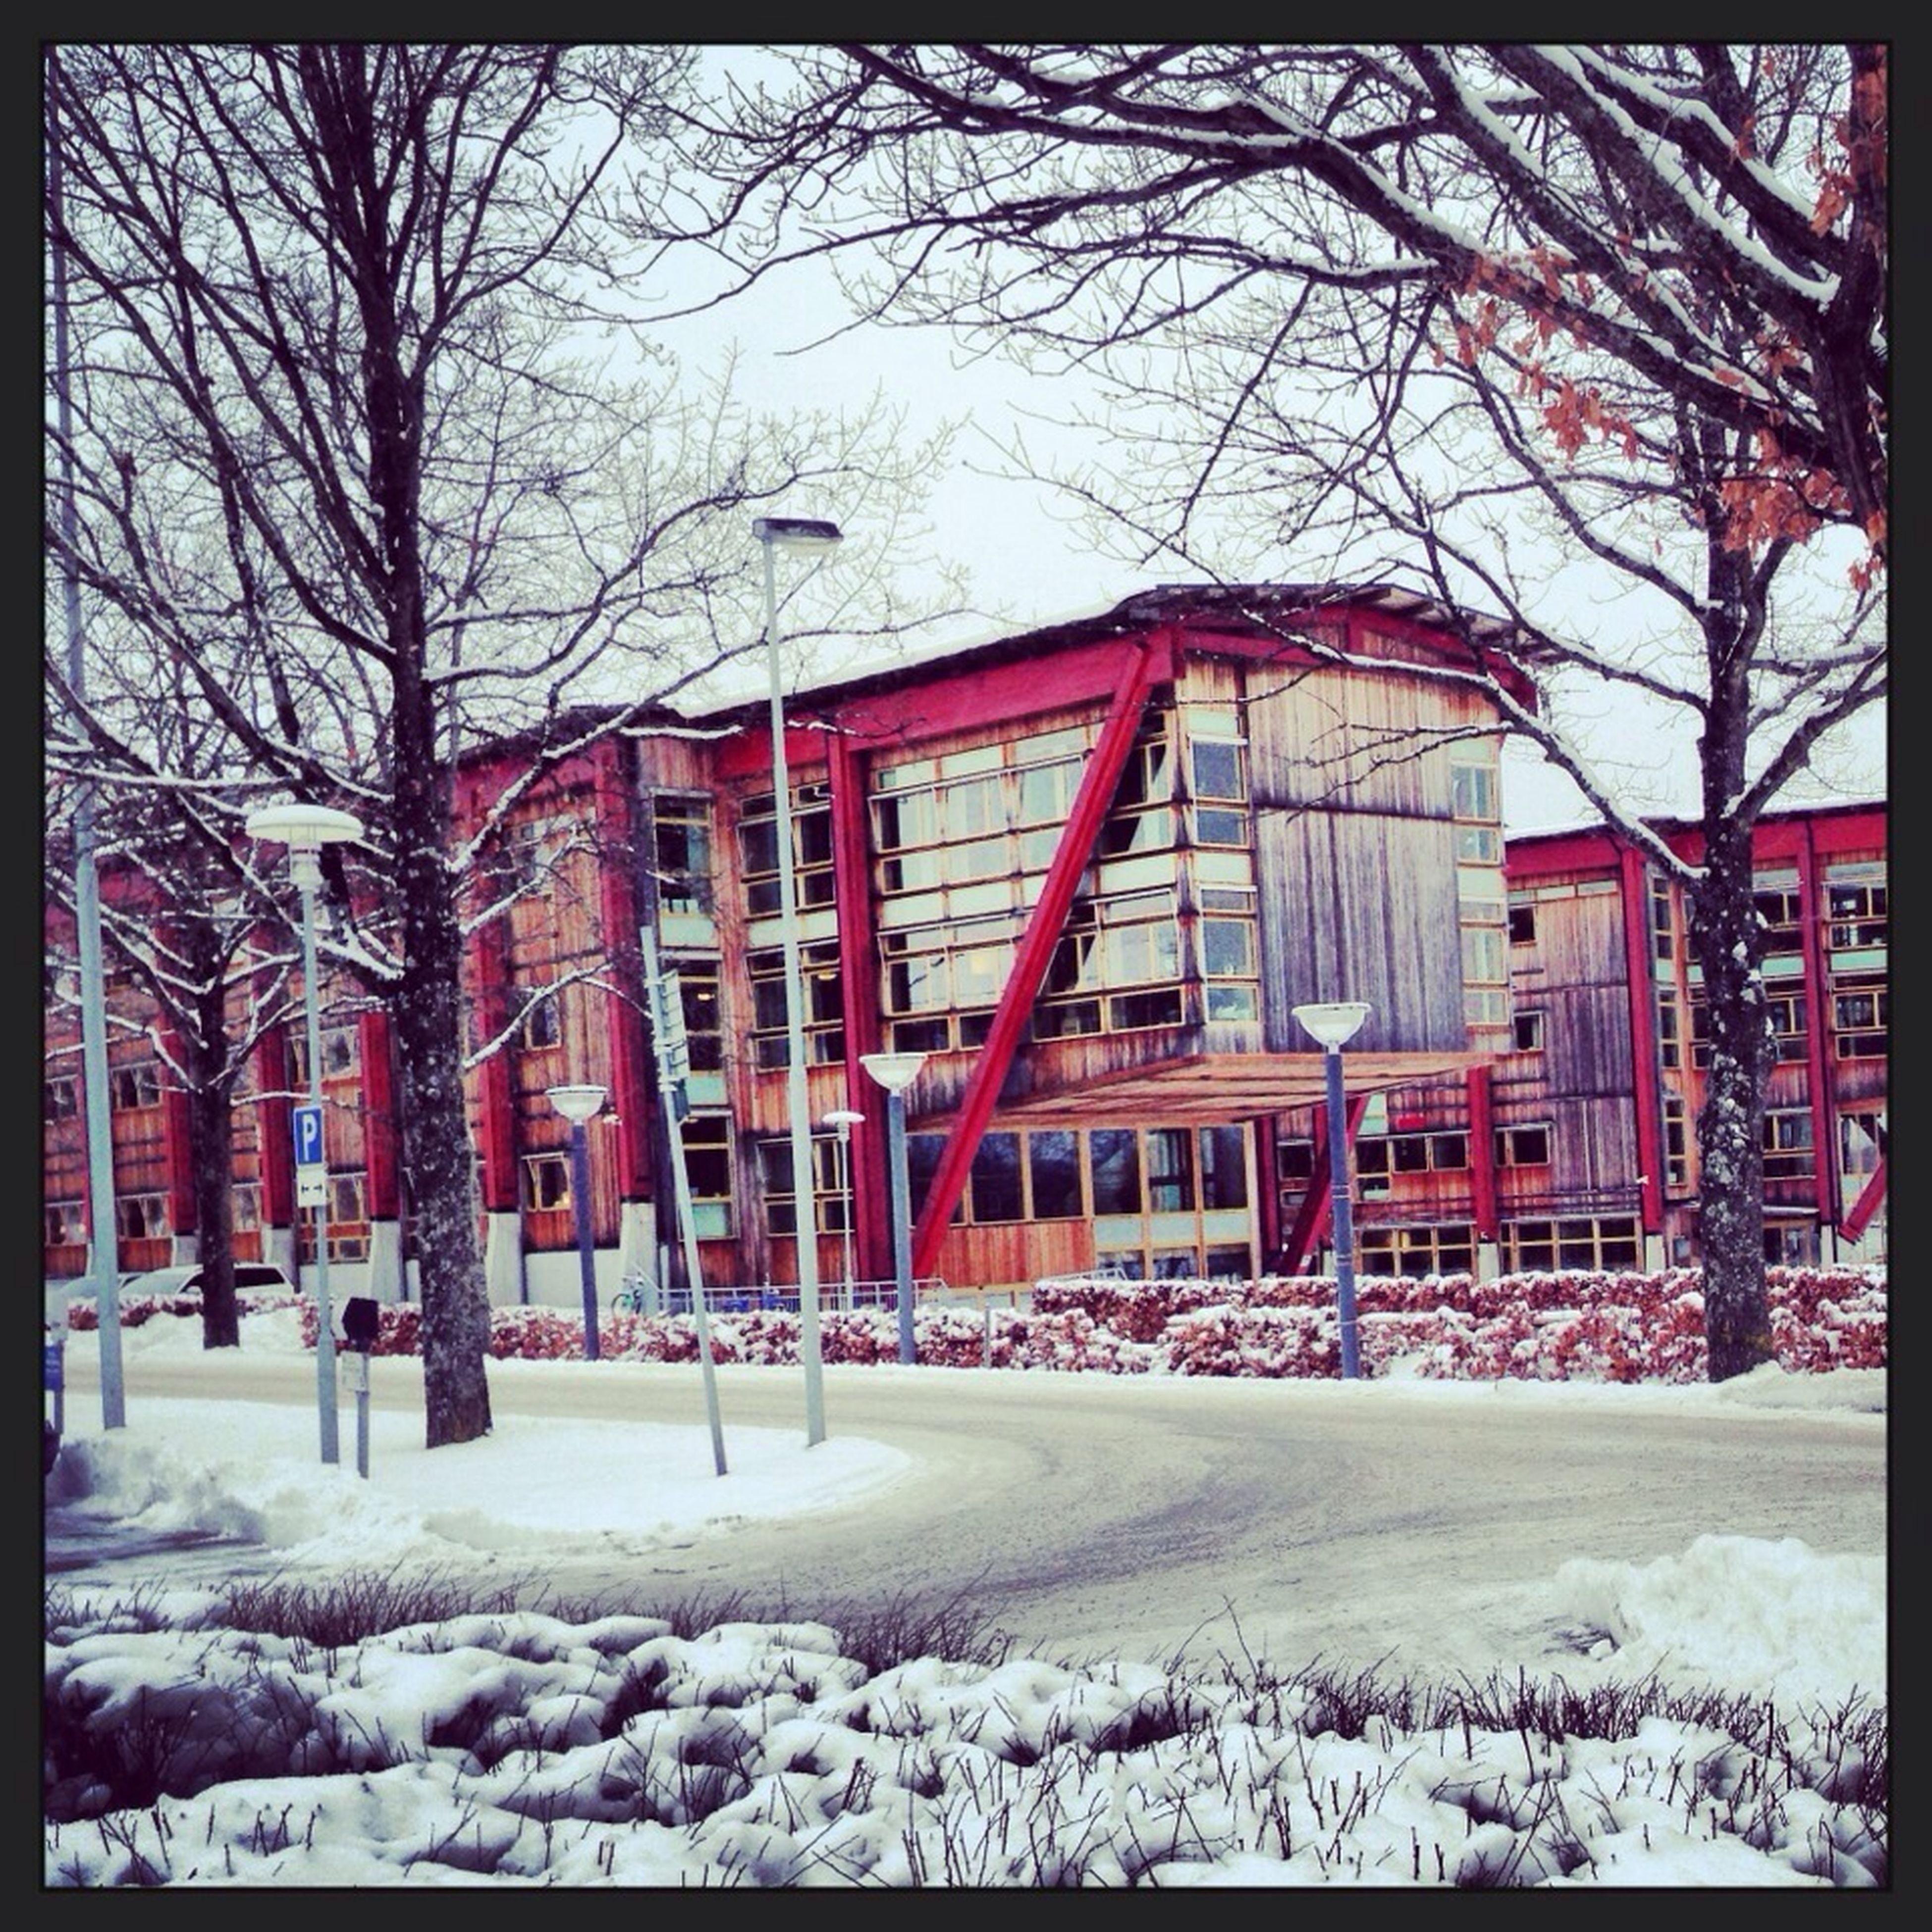 Linnéuniversitetet Sweden s Växjö  Snow